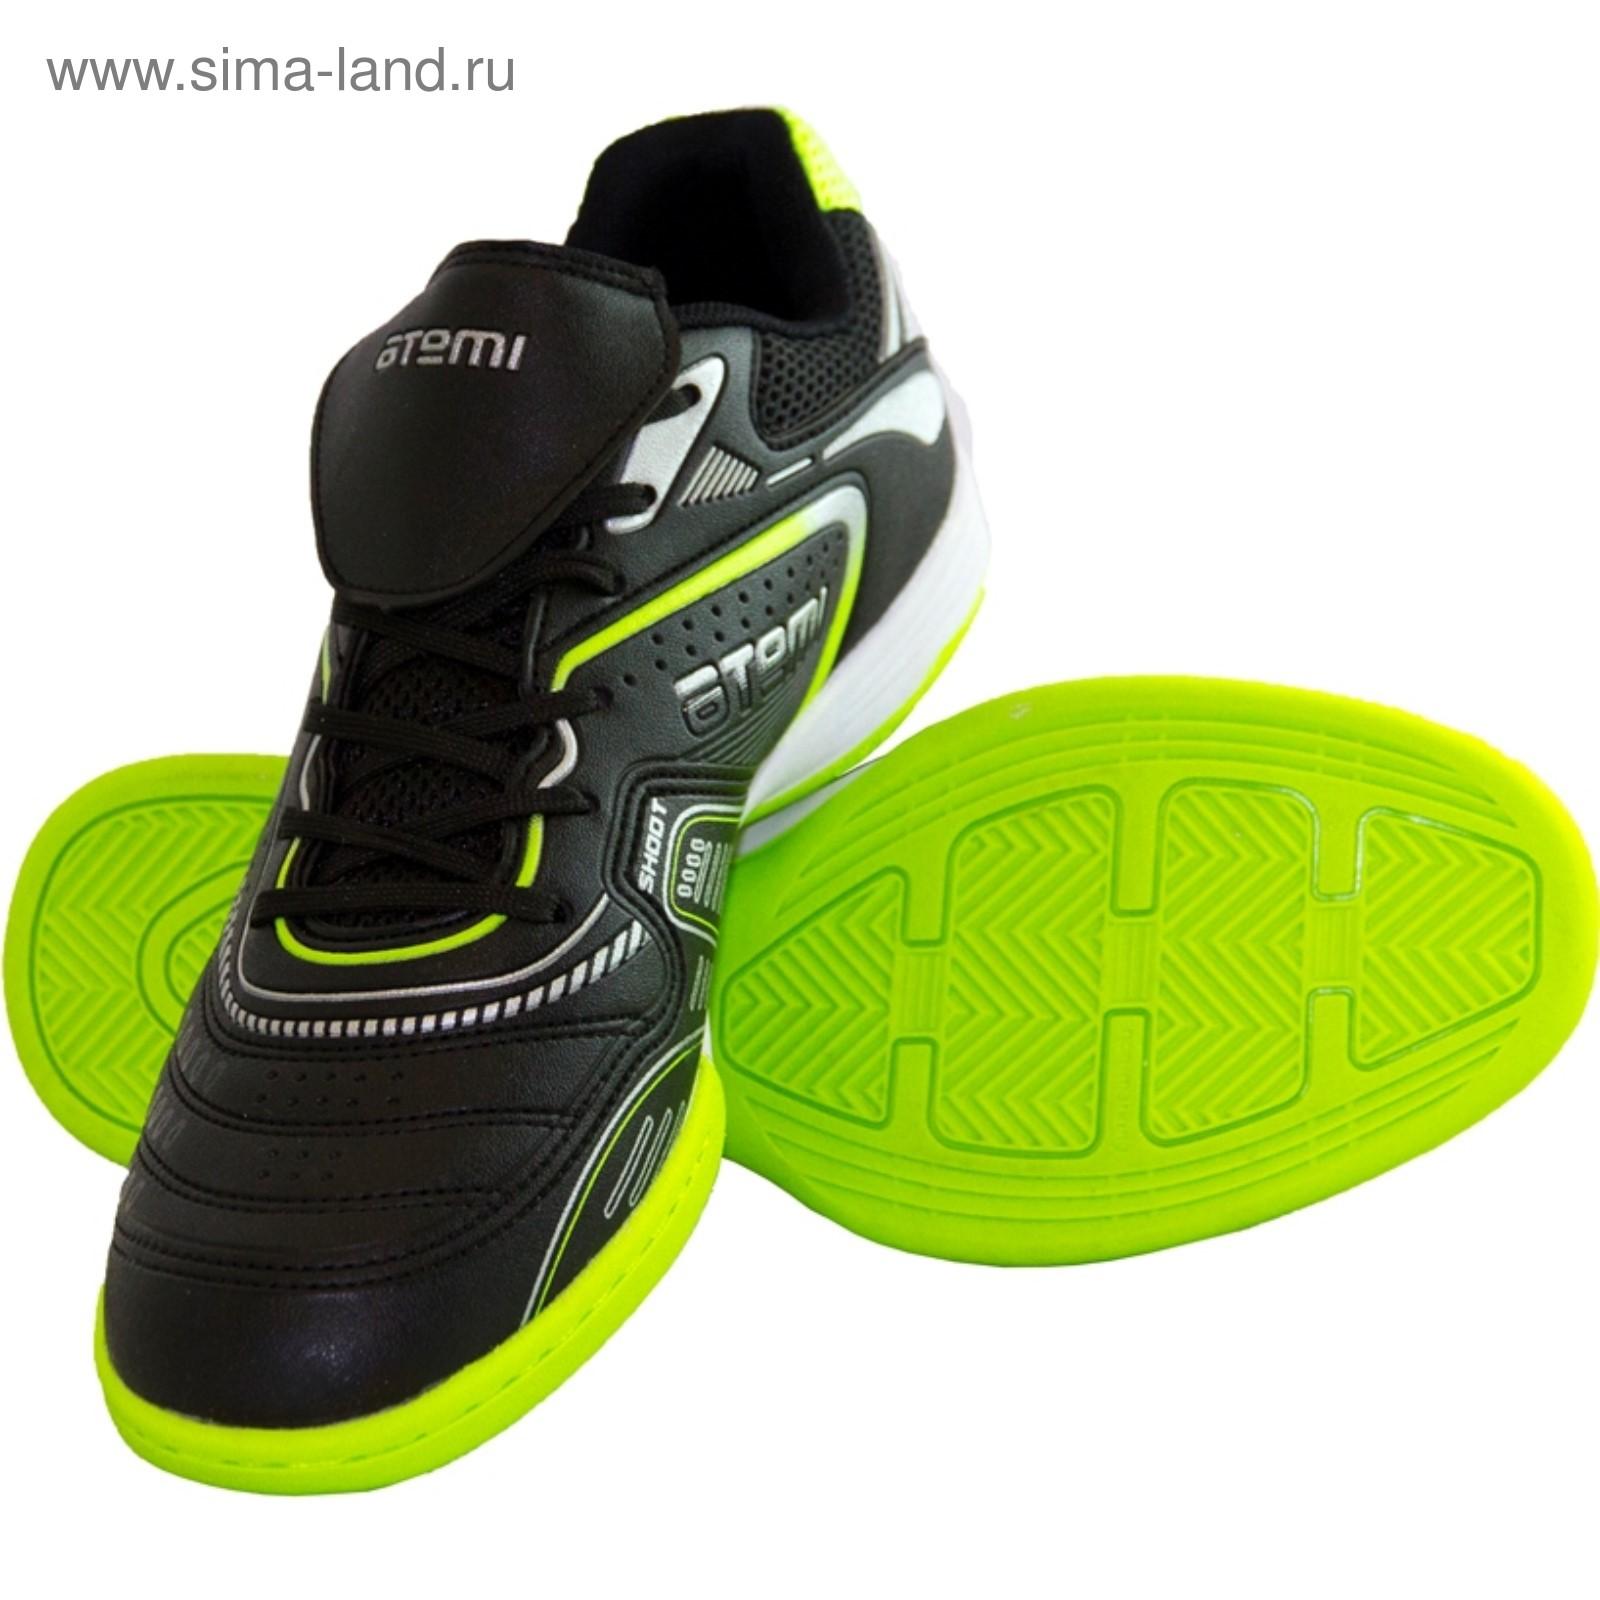 167dda36 Футбольные бутсы Atemi, цвет чёрно-зелёный, синтетическая кожа, размер 39